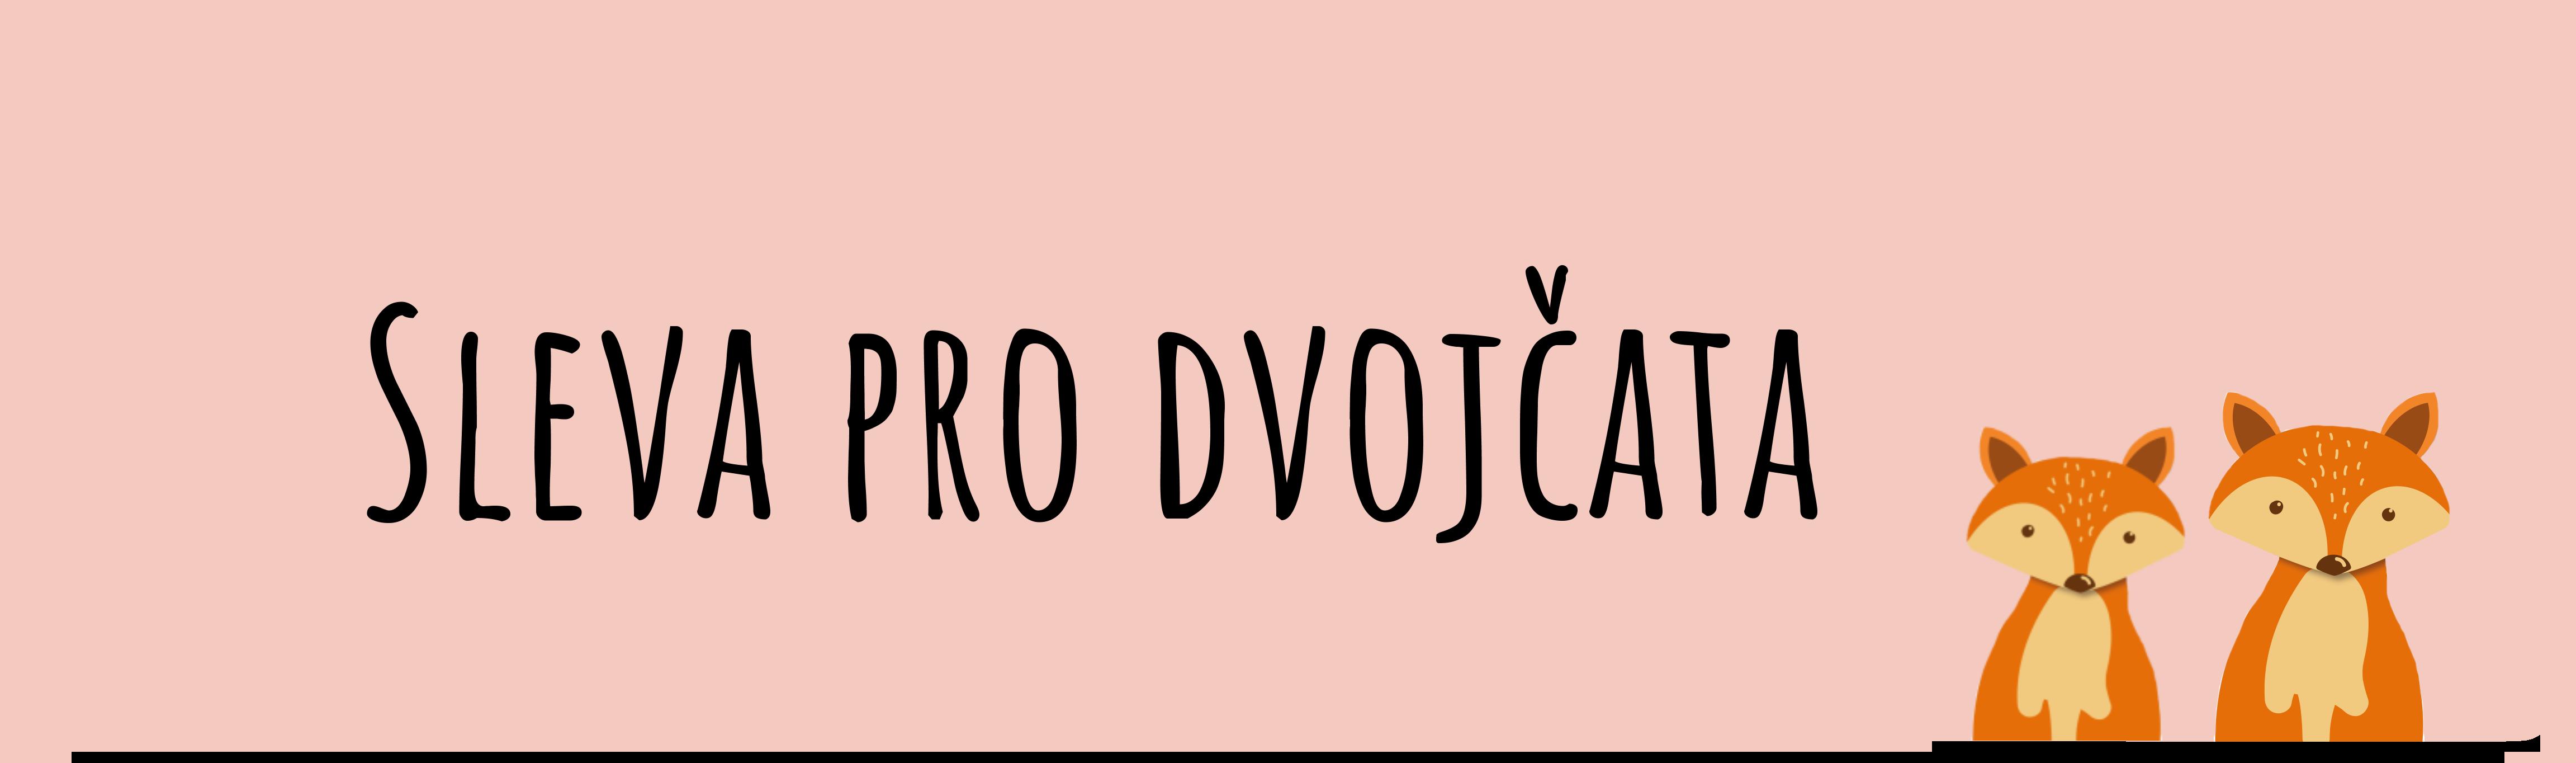 Sleva_pro_dvojčata_MADE_BY_DOMARA